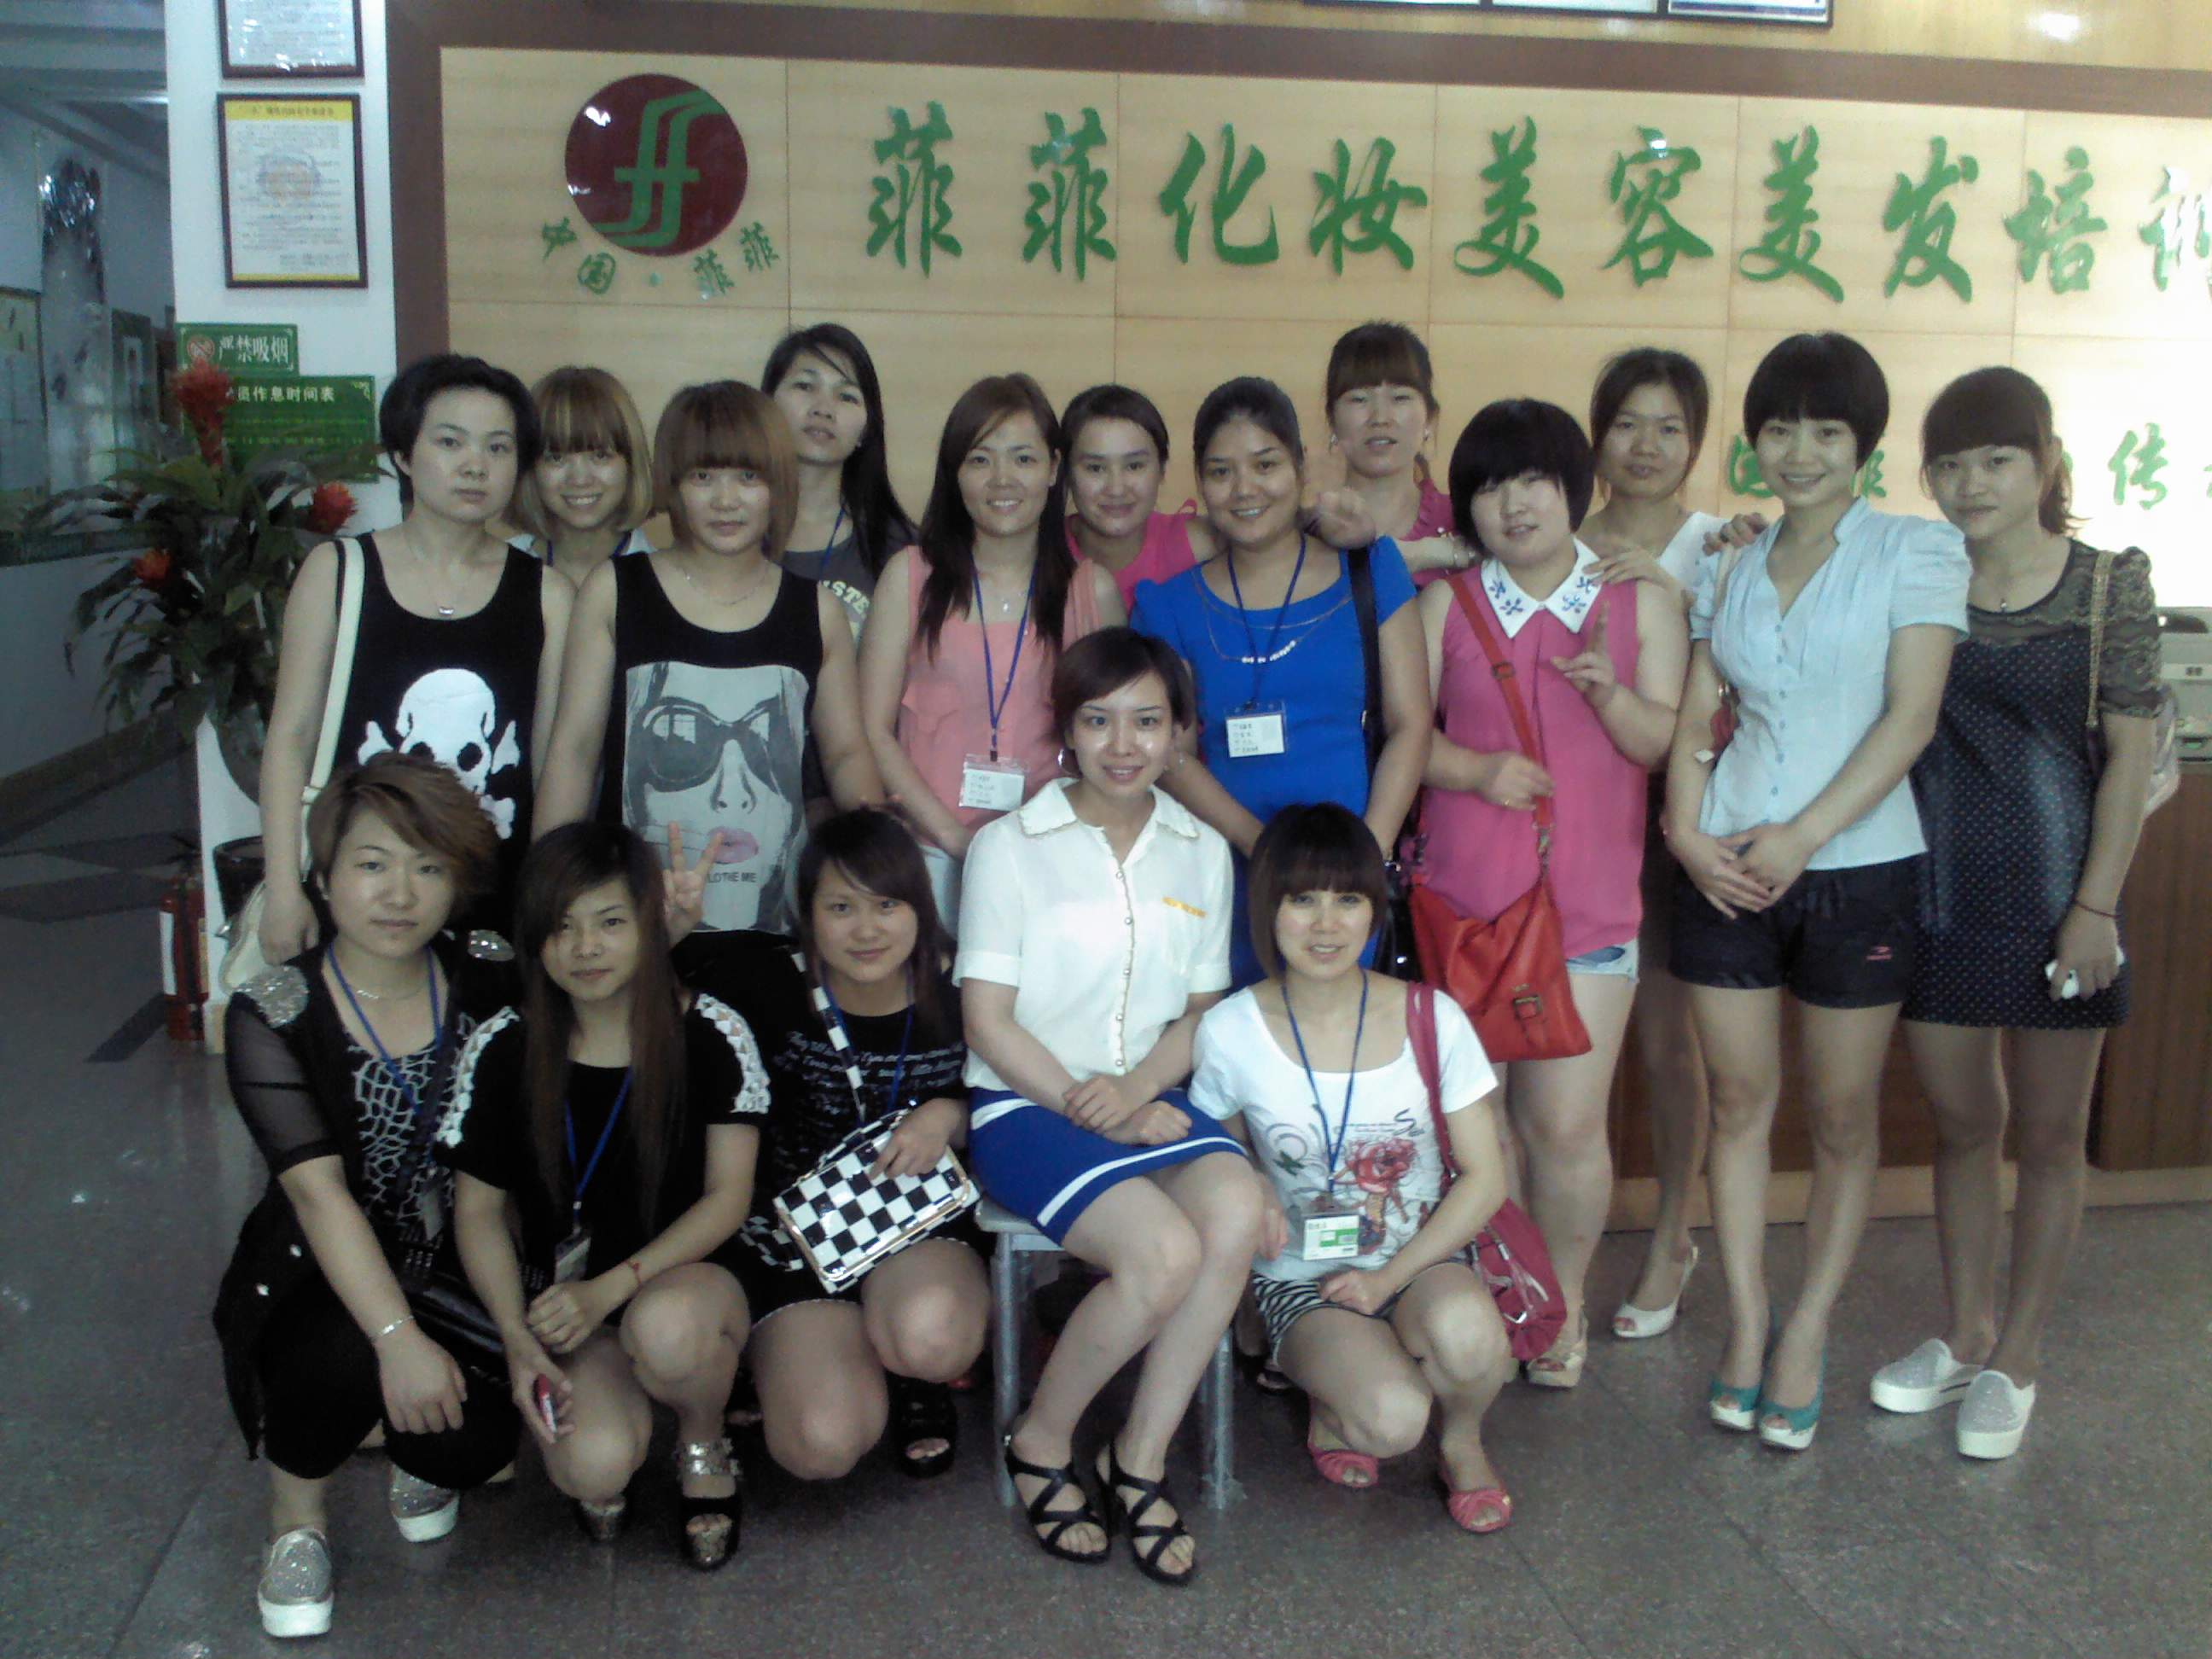 中国美容人才网_林清轩品牌百科138中国美容人才网